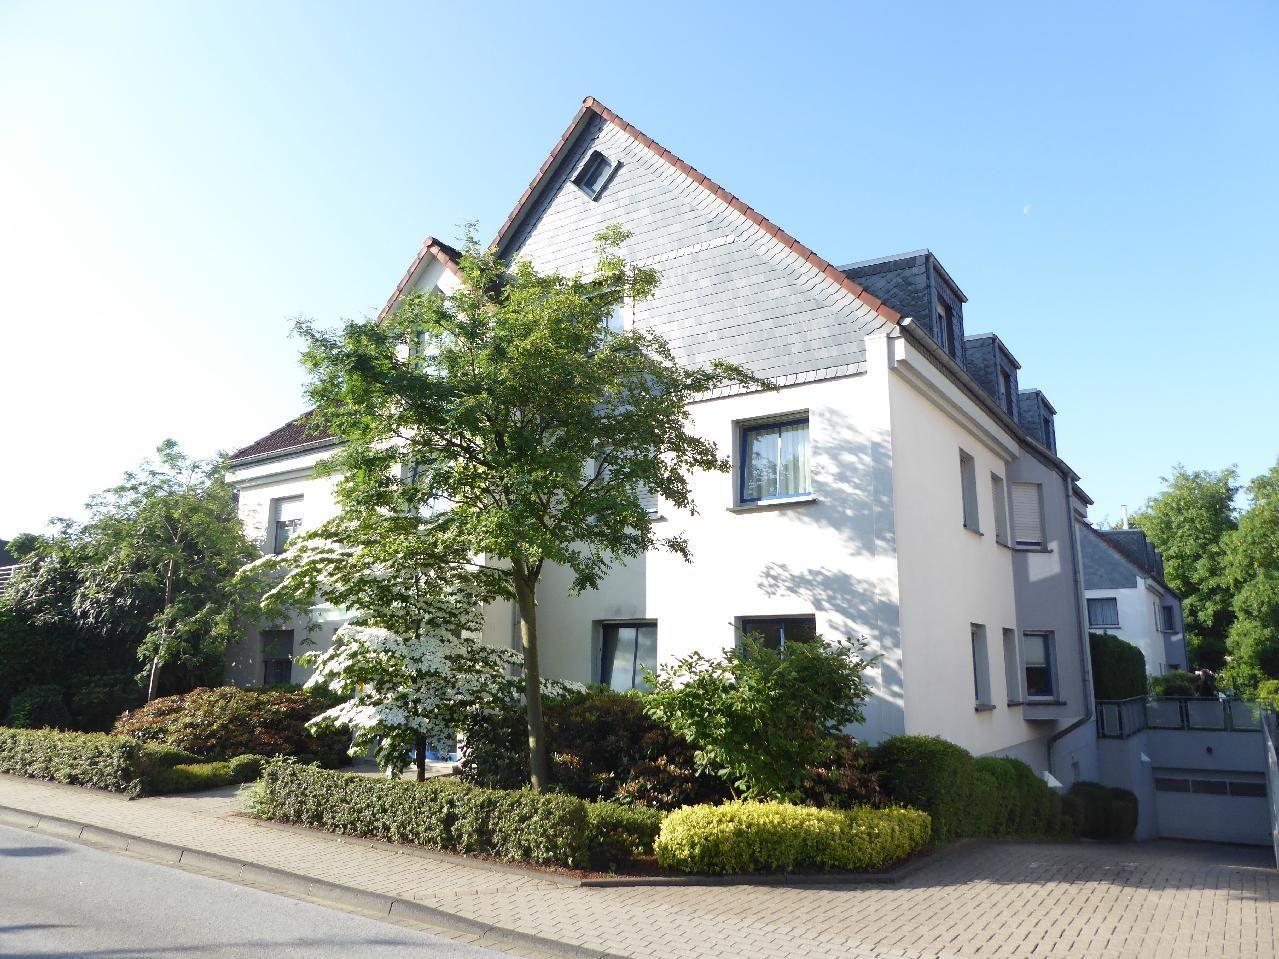 Wohnung zum Kauf in Hagen - Hoing - Alles was das Herz begehrt ...